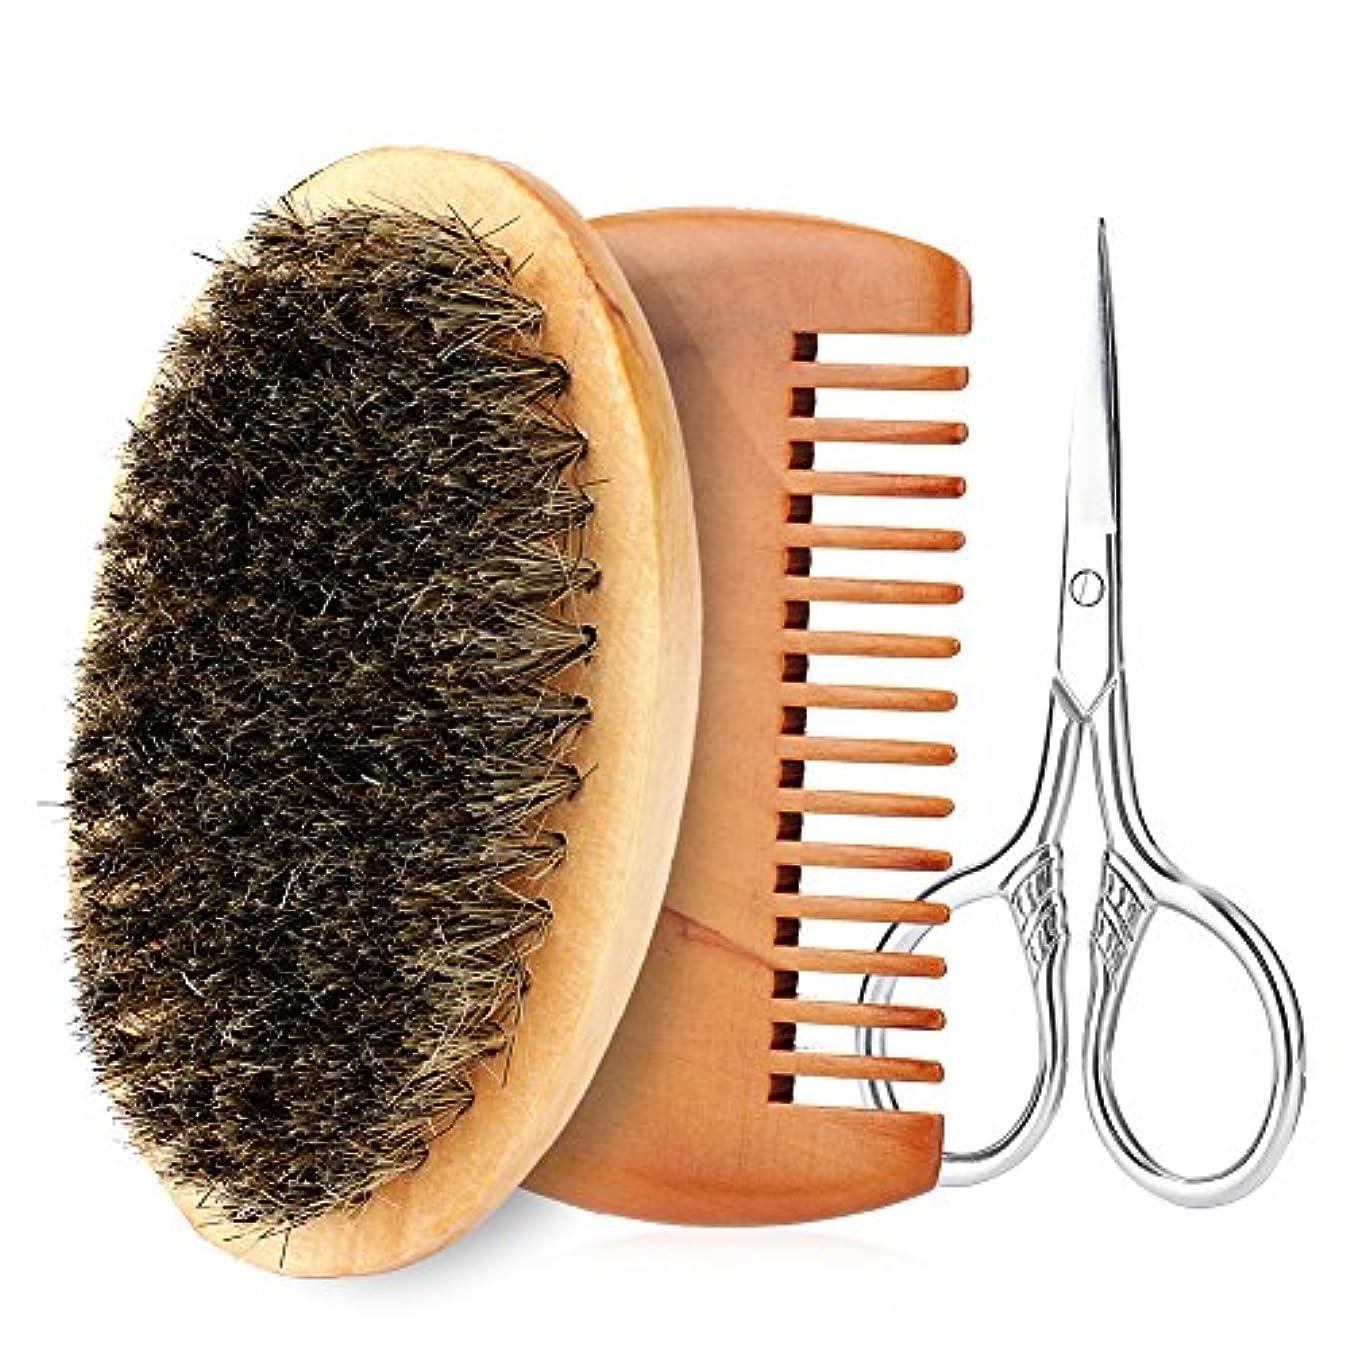 承認するワーム統治するひげブラシ、男性顔ひげクリーニングシェービングブラシフェイスマッサージャーグルーミングアプライアンスツール(#3(Beard Brush + Comb + Scissors))